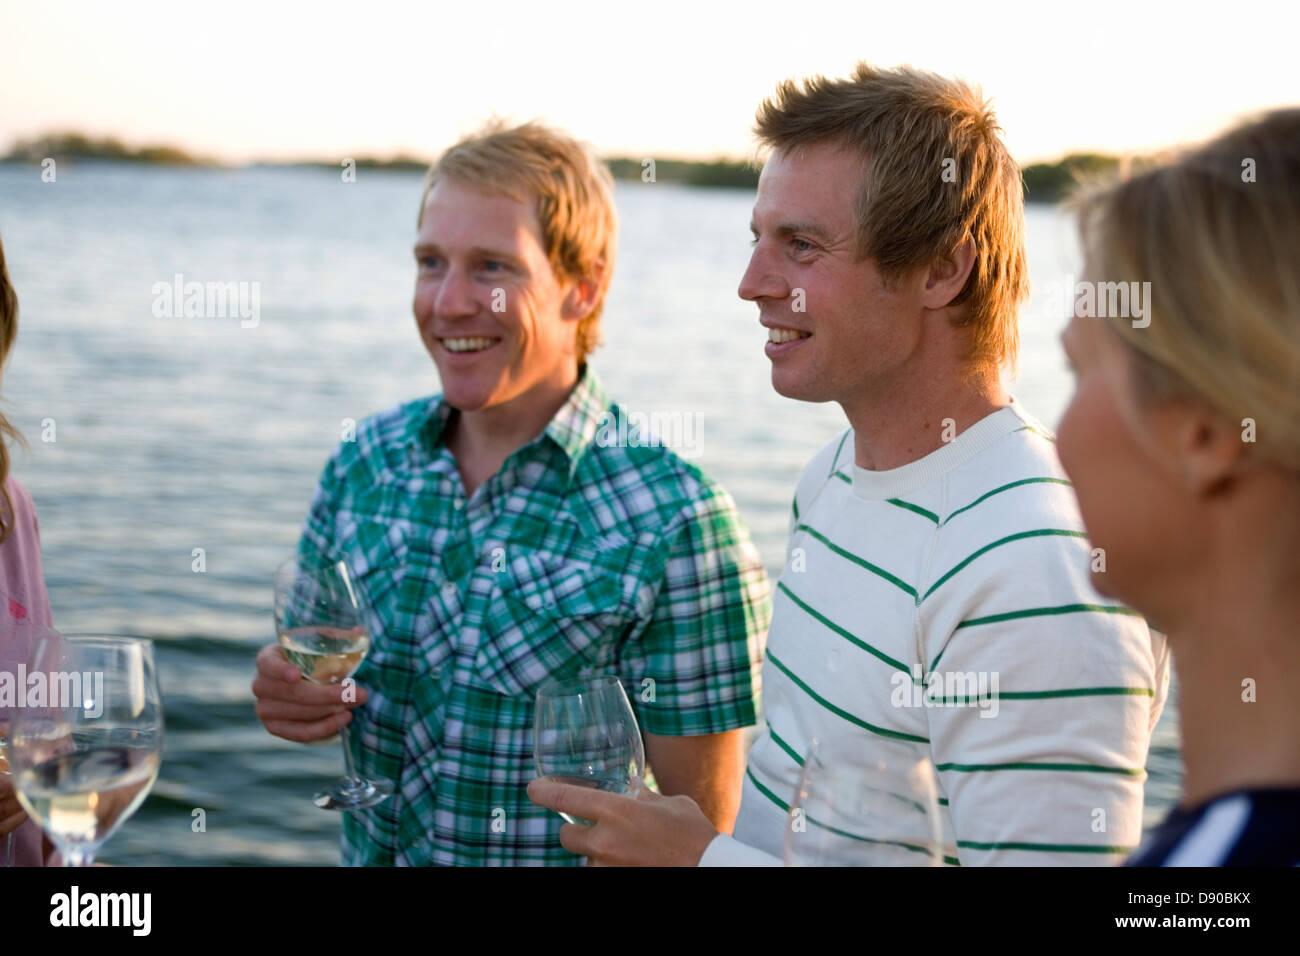 Drei Personen, lachen und trinken, Fejan, Stockholmer Schären, Schweden. Stockfoto